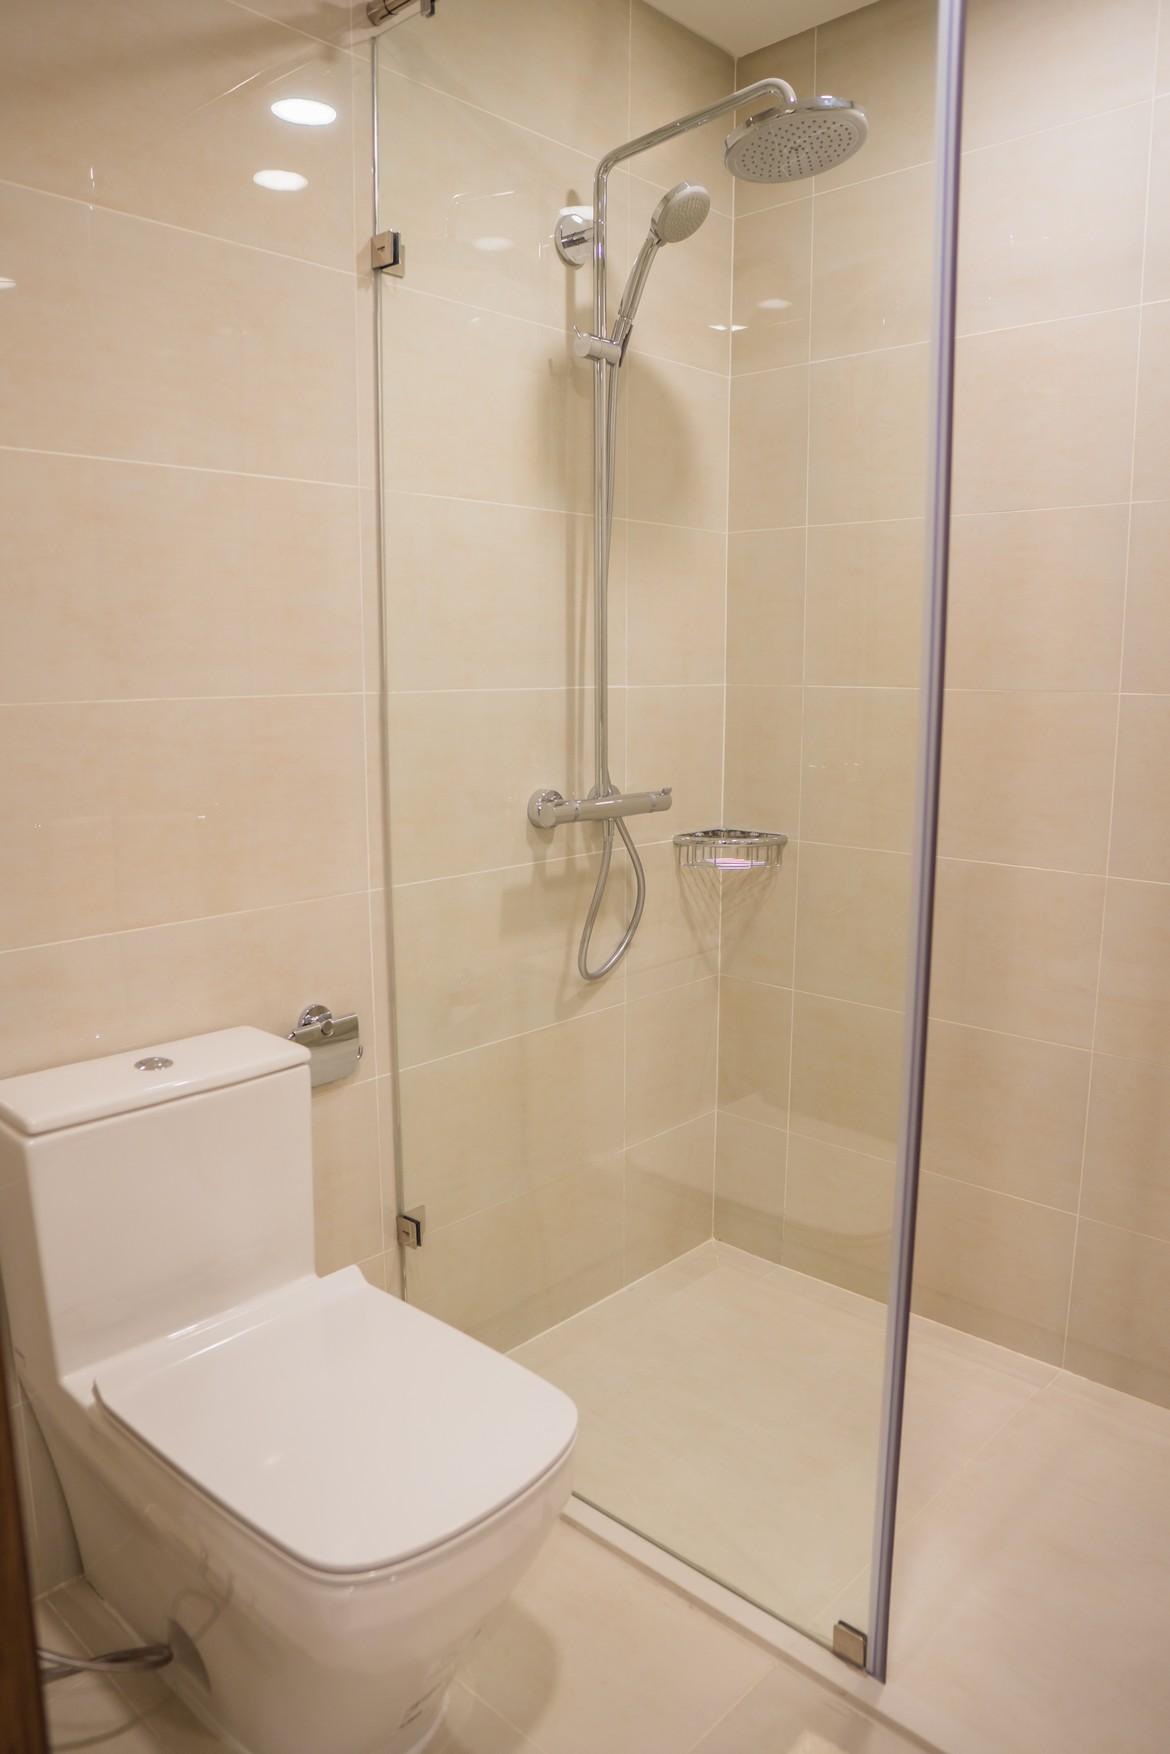 Toilet trong phòng ngủ Master căn hộ mẫu Eco Green Sài Gòn quận 7 loại 2 phòng ngủ.